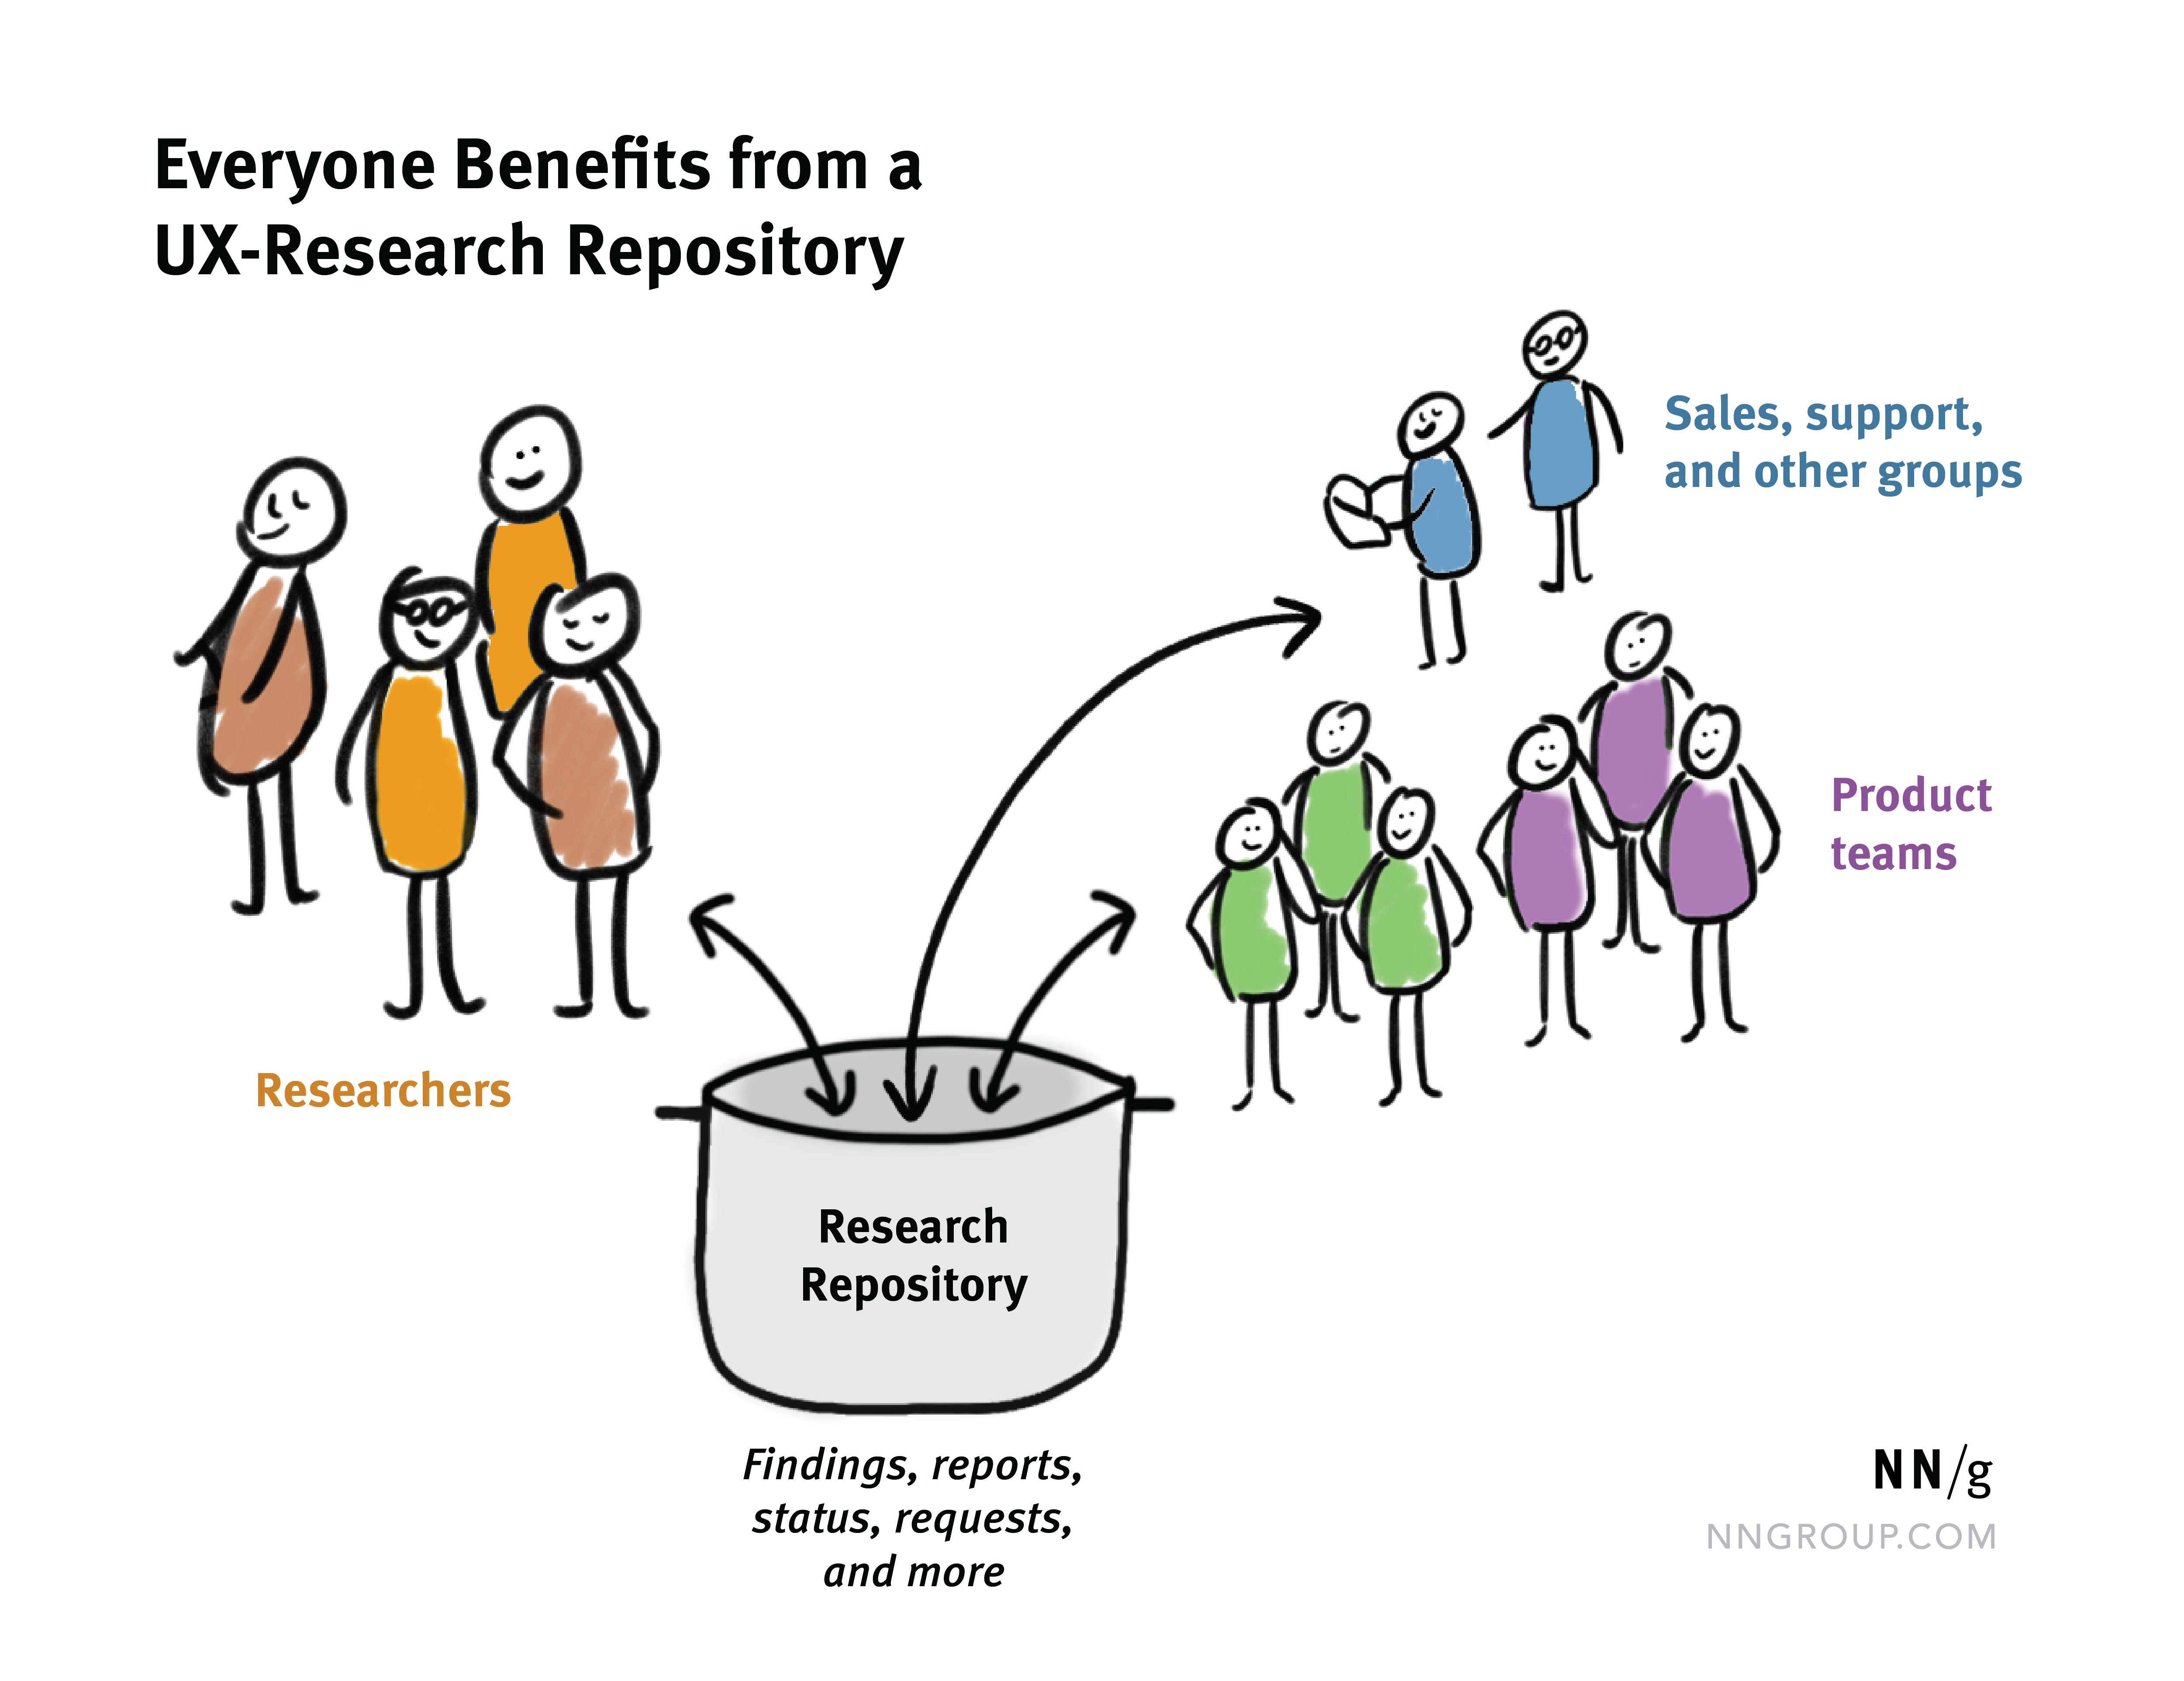 """用箭头点进出""""研究储存库""""杆,粘贴人物""""研究人员,支持,销售和产品团队"""""""